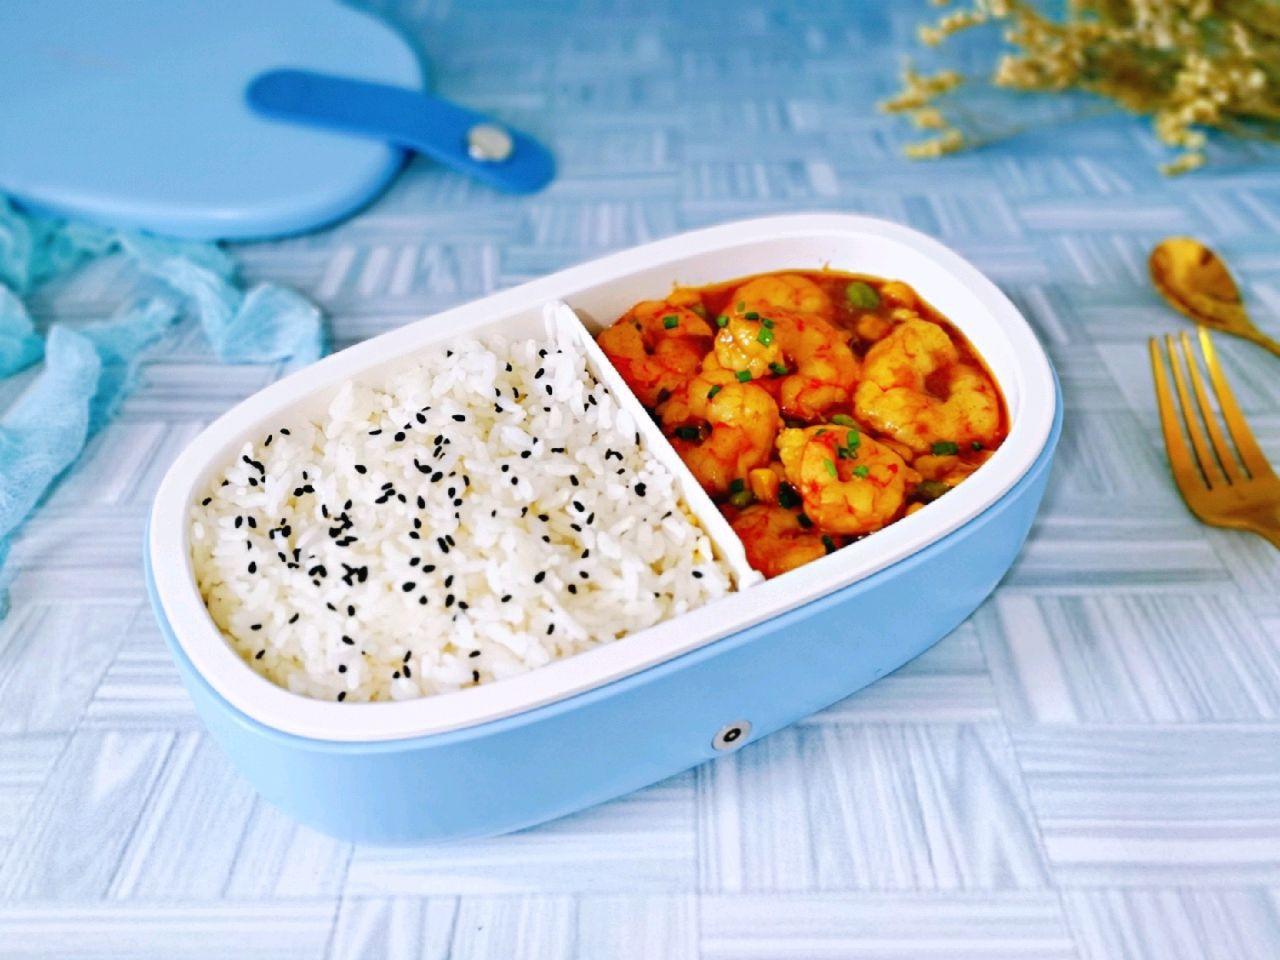 Gợi ý hộp cơm trưa phong cách tối giản, làm siêu nhanh mà ăn cực ngon - Ảnh 5